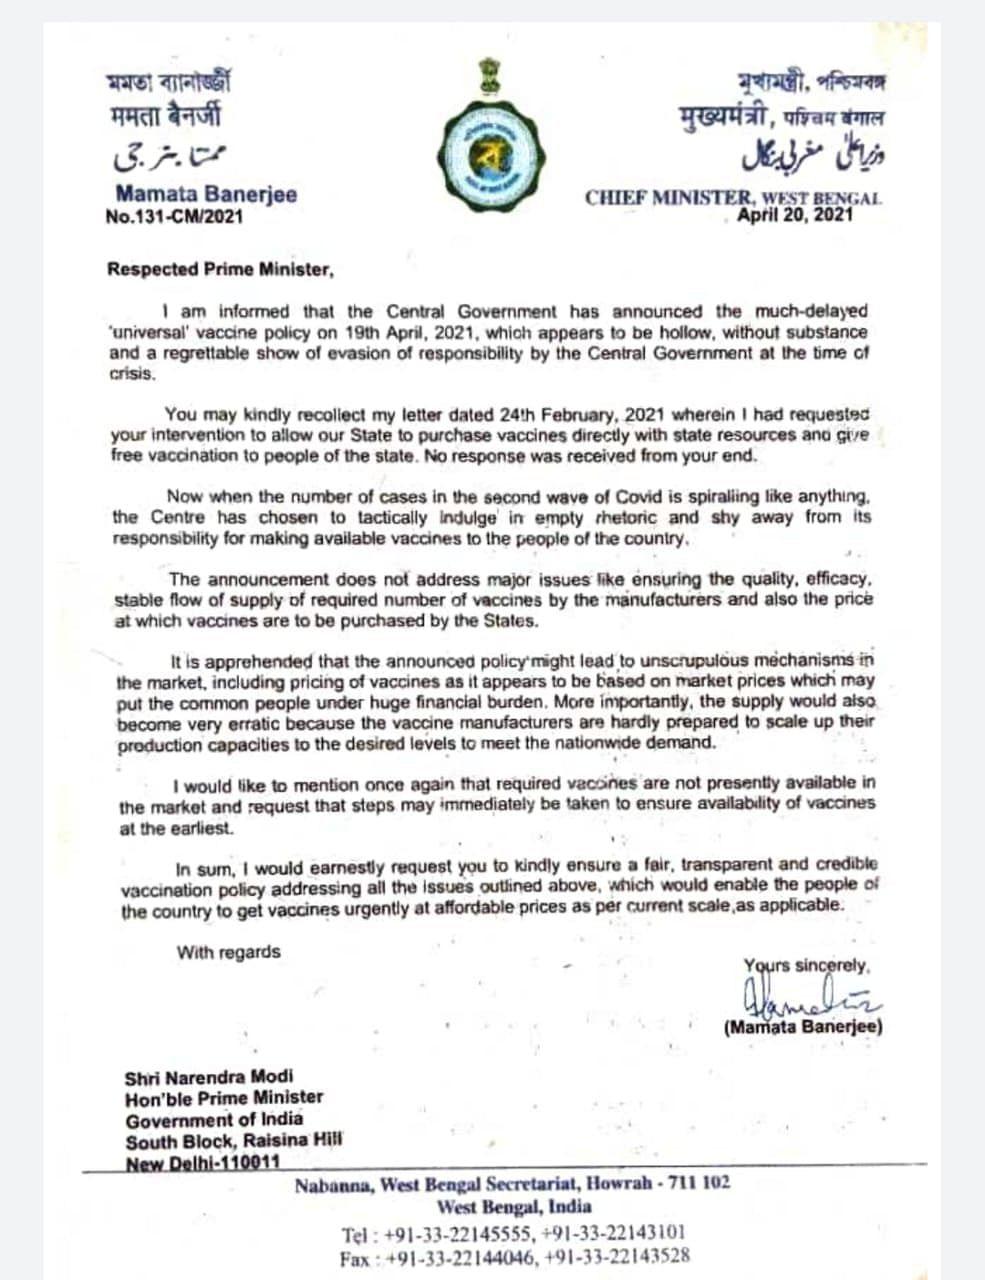 पीएम मोदी ने Corona Vaccine की कालाबाजारी का रास्ता खोला, भगवानगोला से प्रधानमंत्री पर ममता बनर्जी का हमला